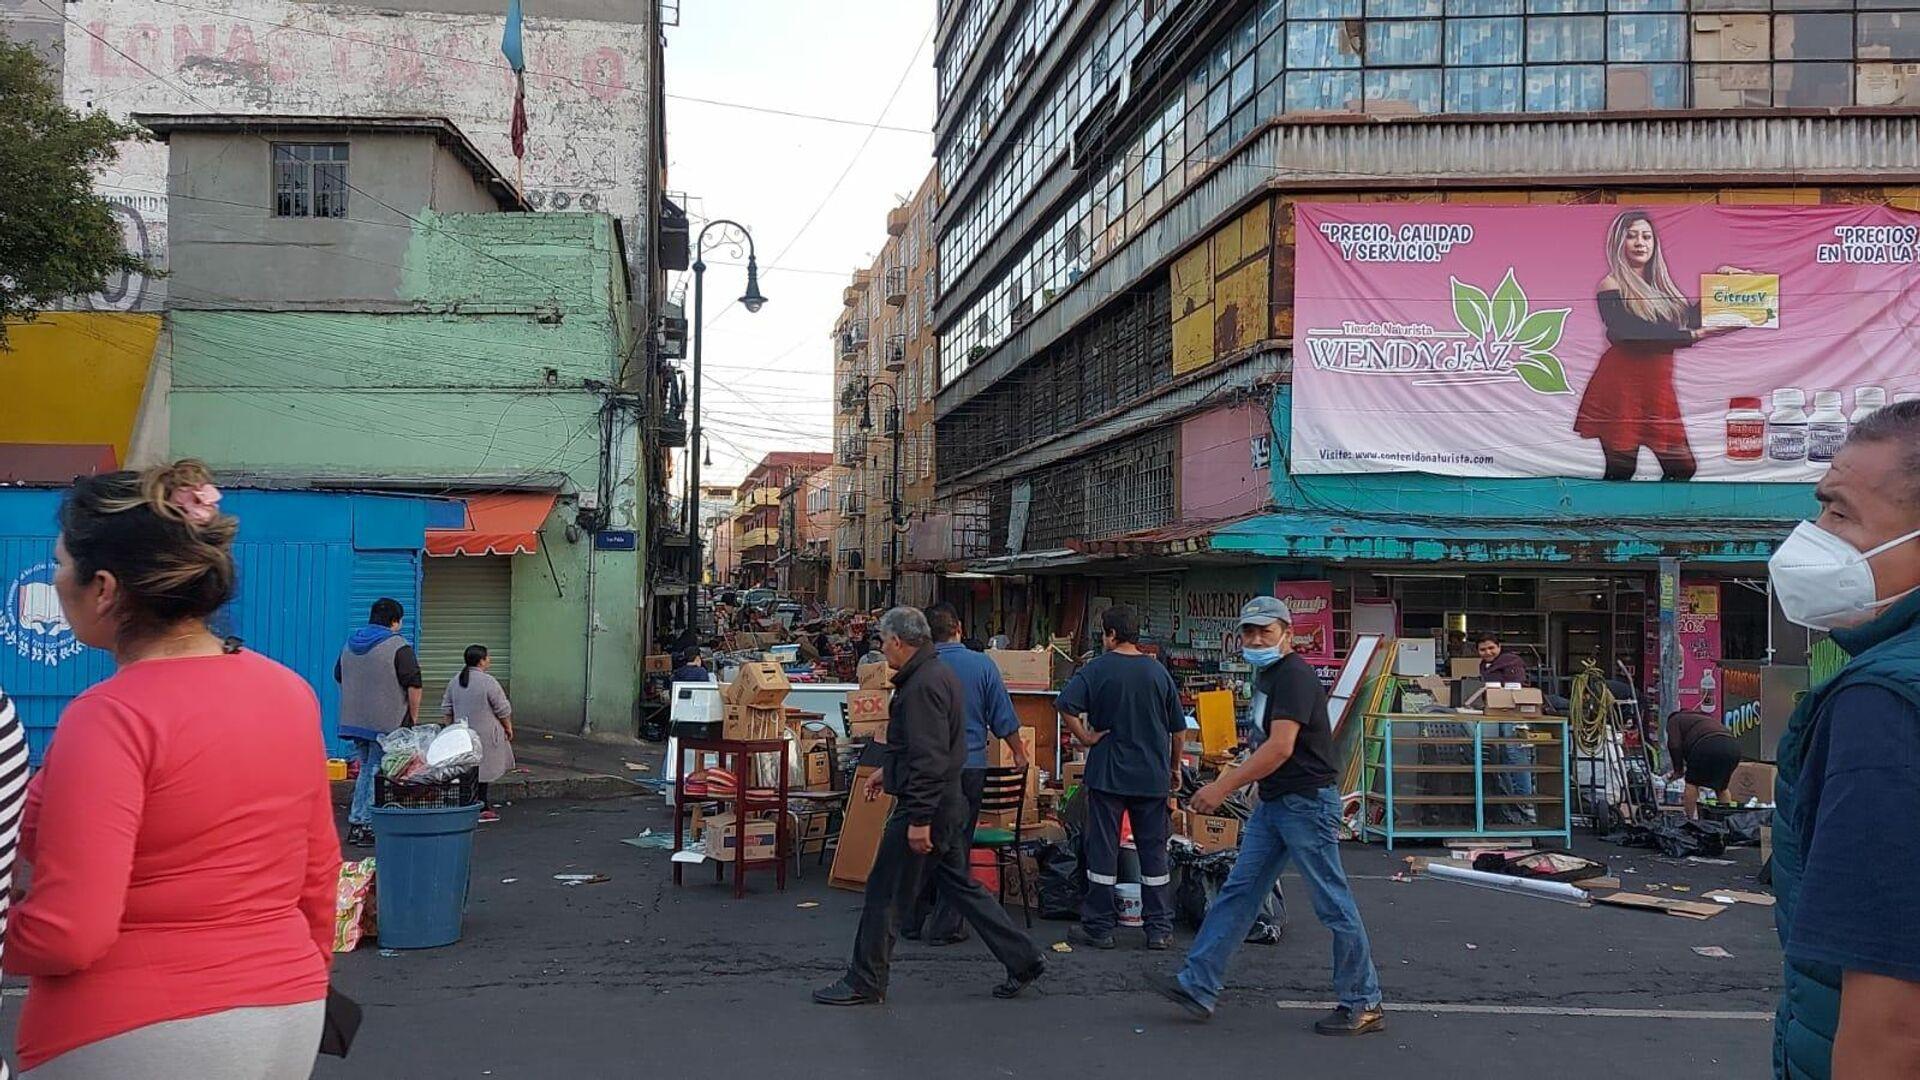 Desalojos en Ciudad de México - Sputnik Mundo, 1920, 02.07.2021